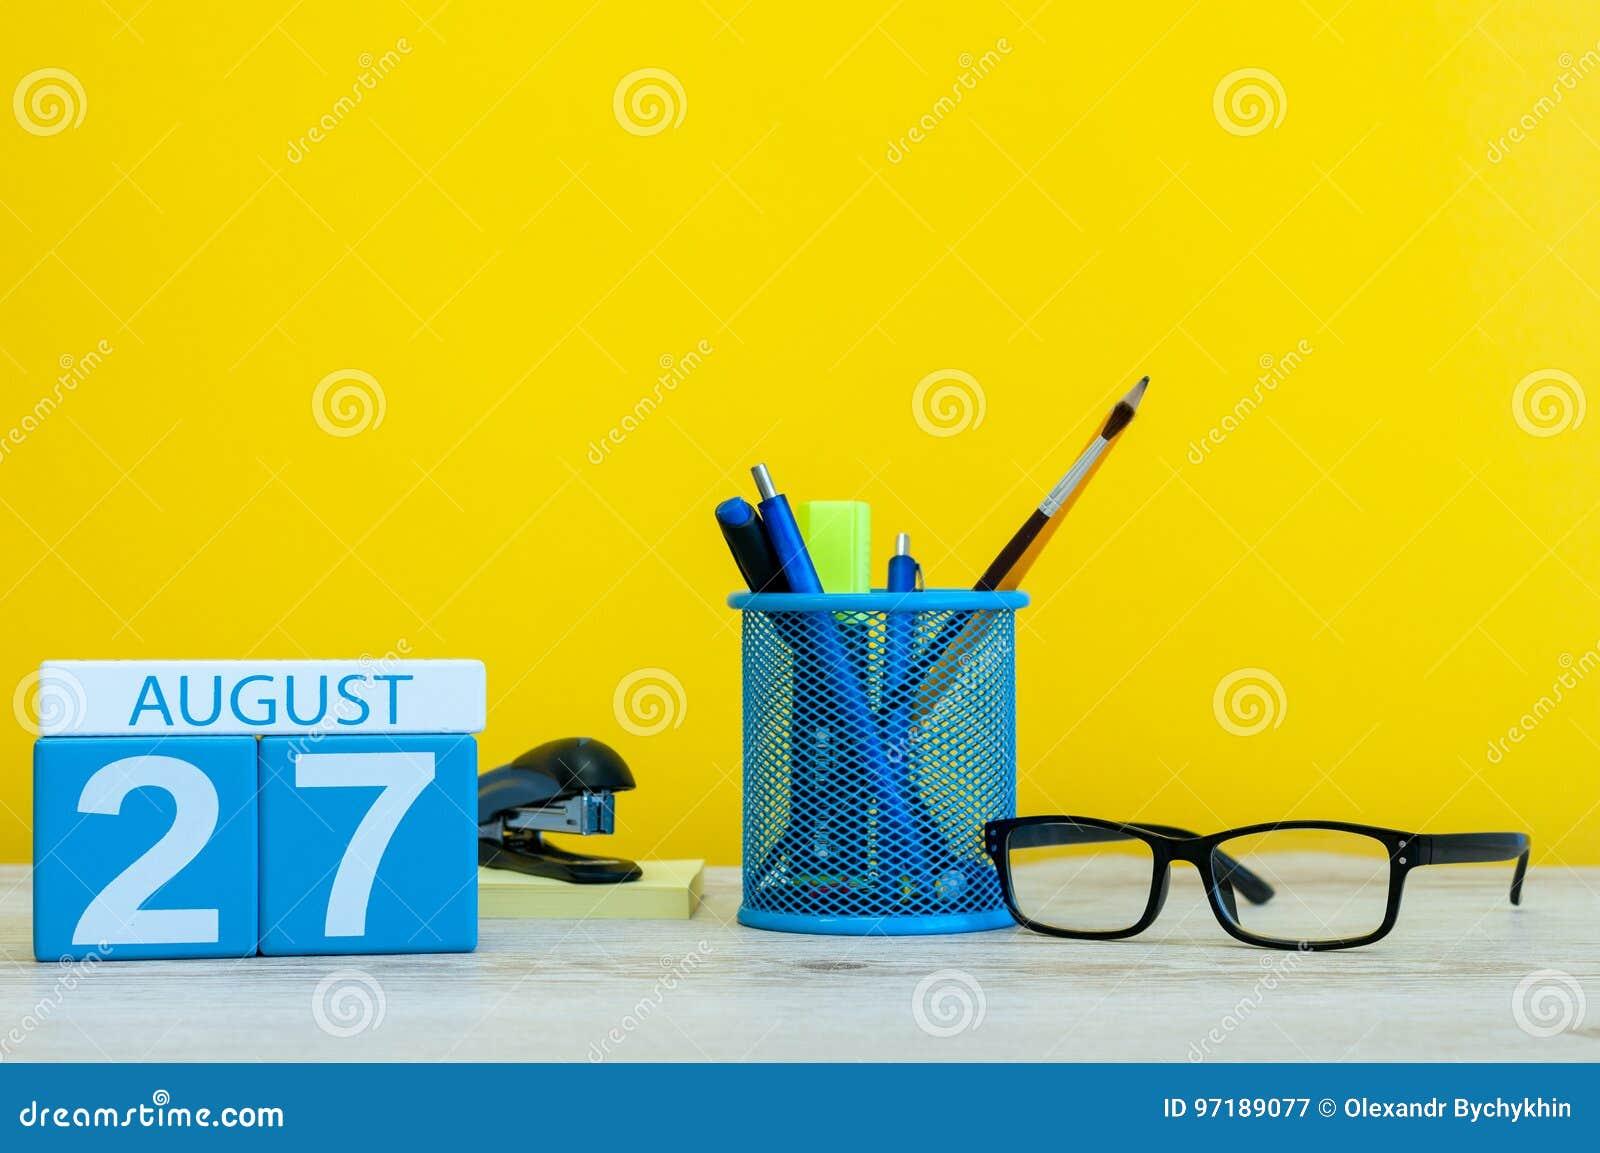 27. August Bild vom 27. August, Kalender auf gelbem Hintergrund mit Büroartikel Junge Erwachsene